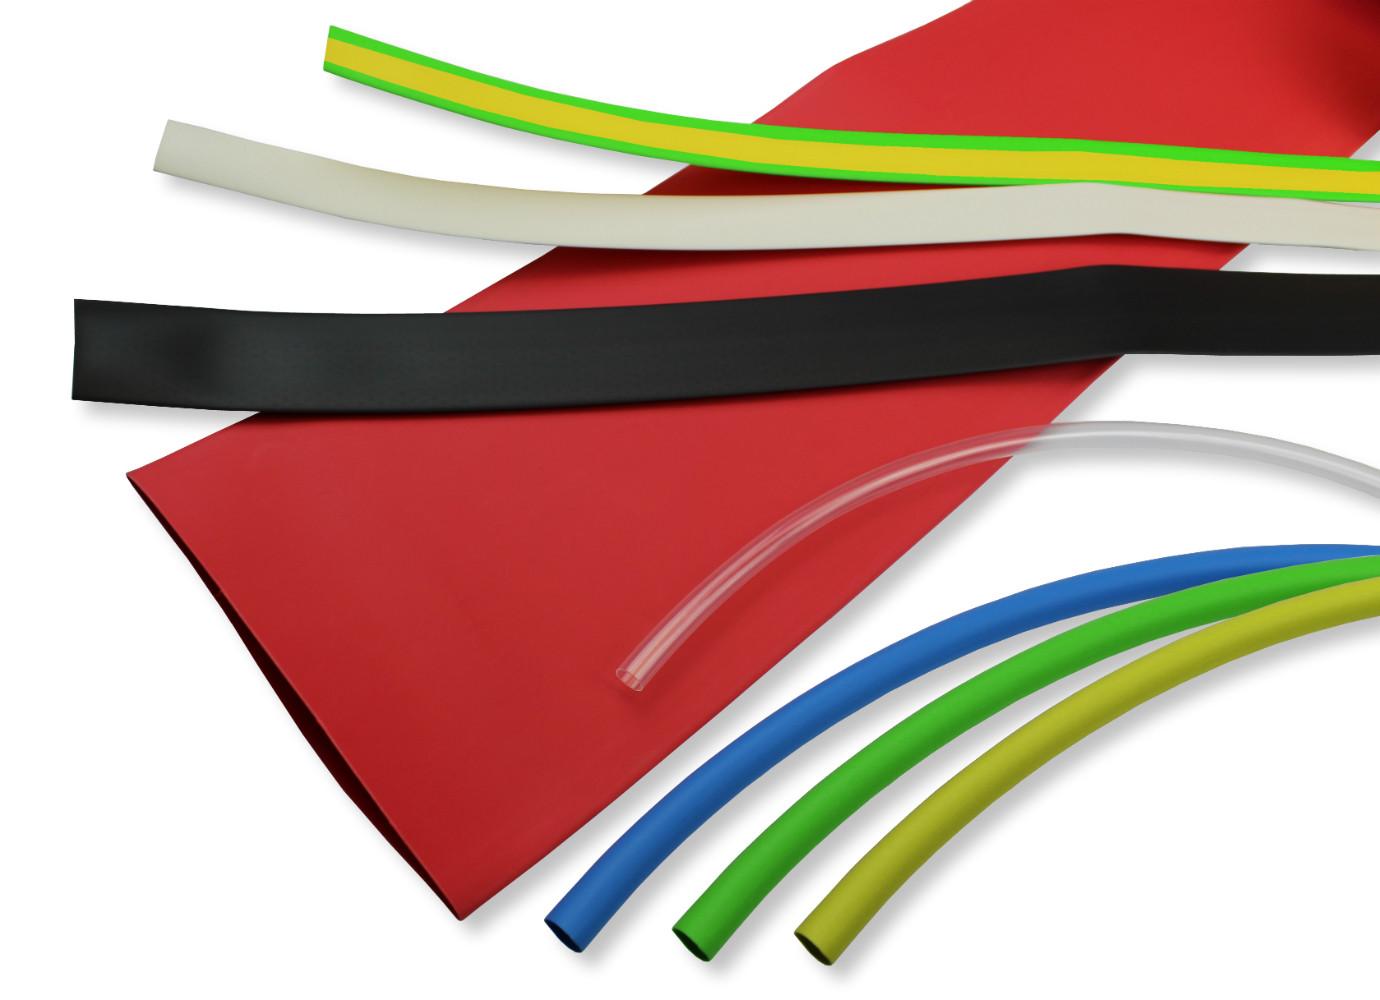 PREMIUM Heat Shrink Tubing 3:1 Ratio HSP3 size 24.0mm I.D / 8.0mm I.D Black